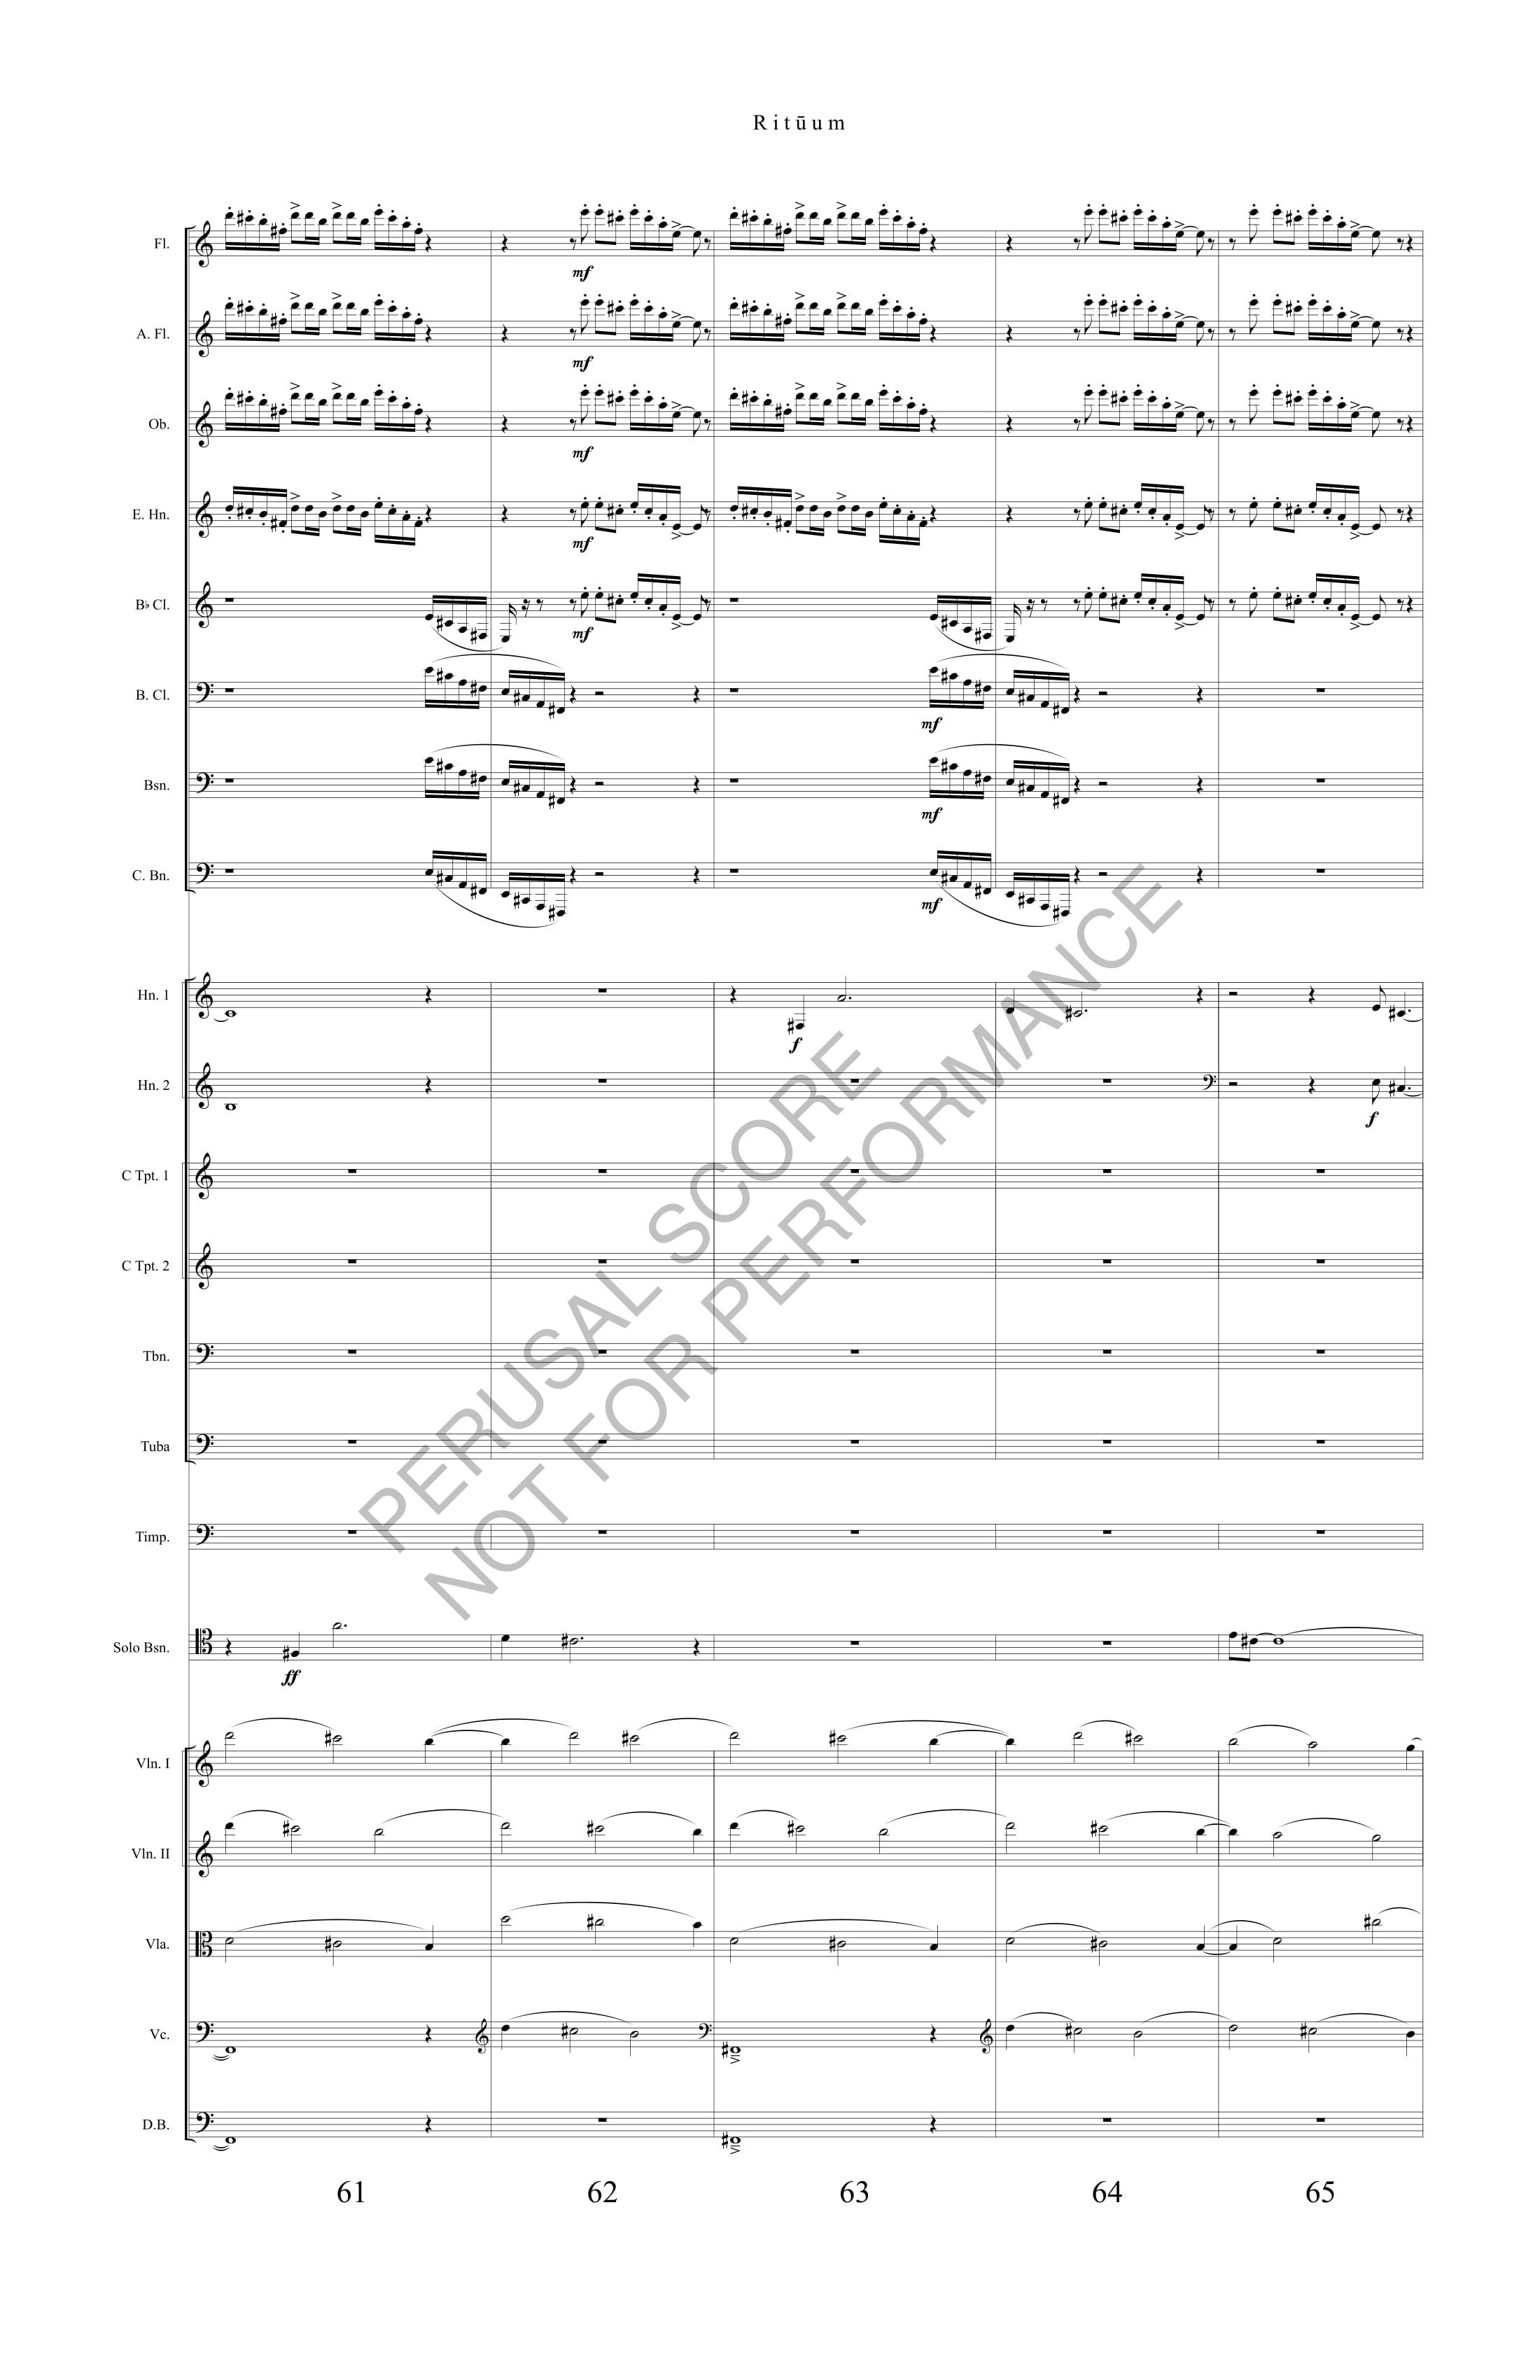 Boyd Rituum Score-watermark (1)-19.jpg